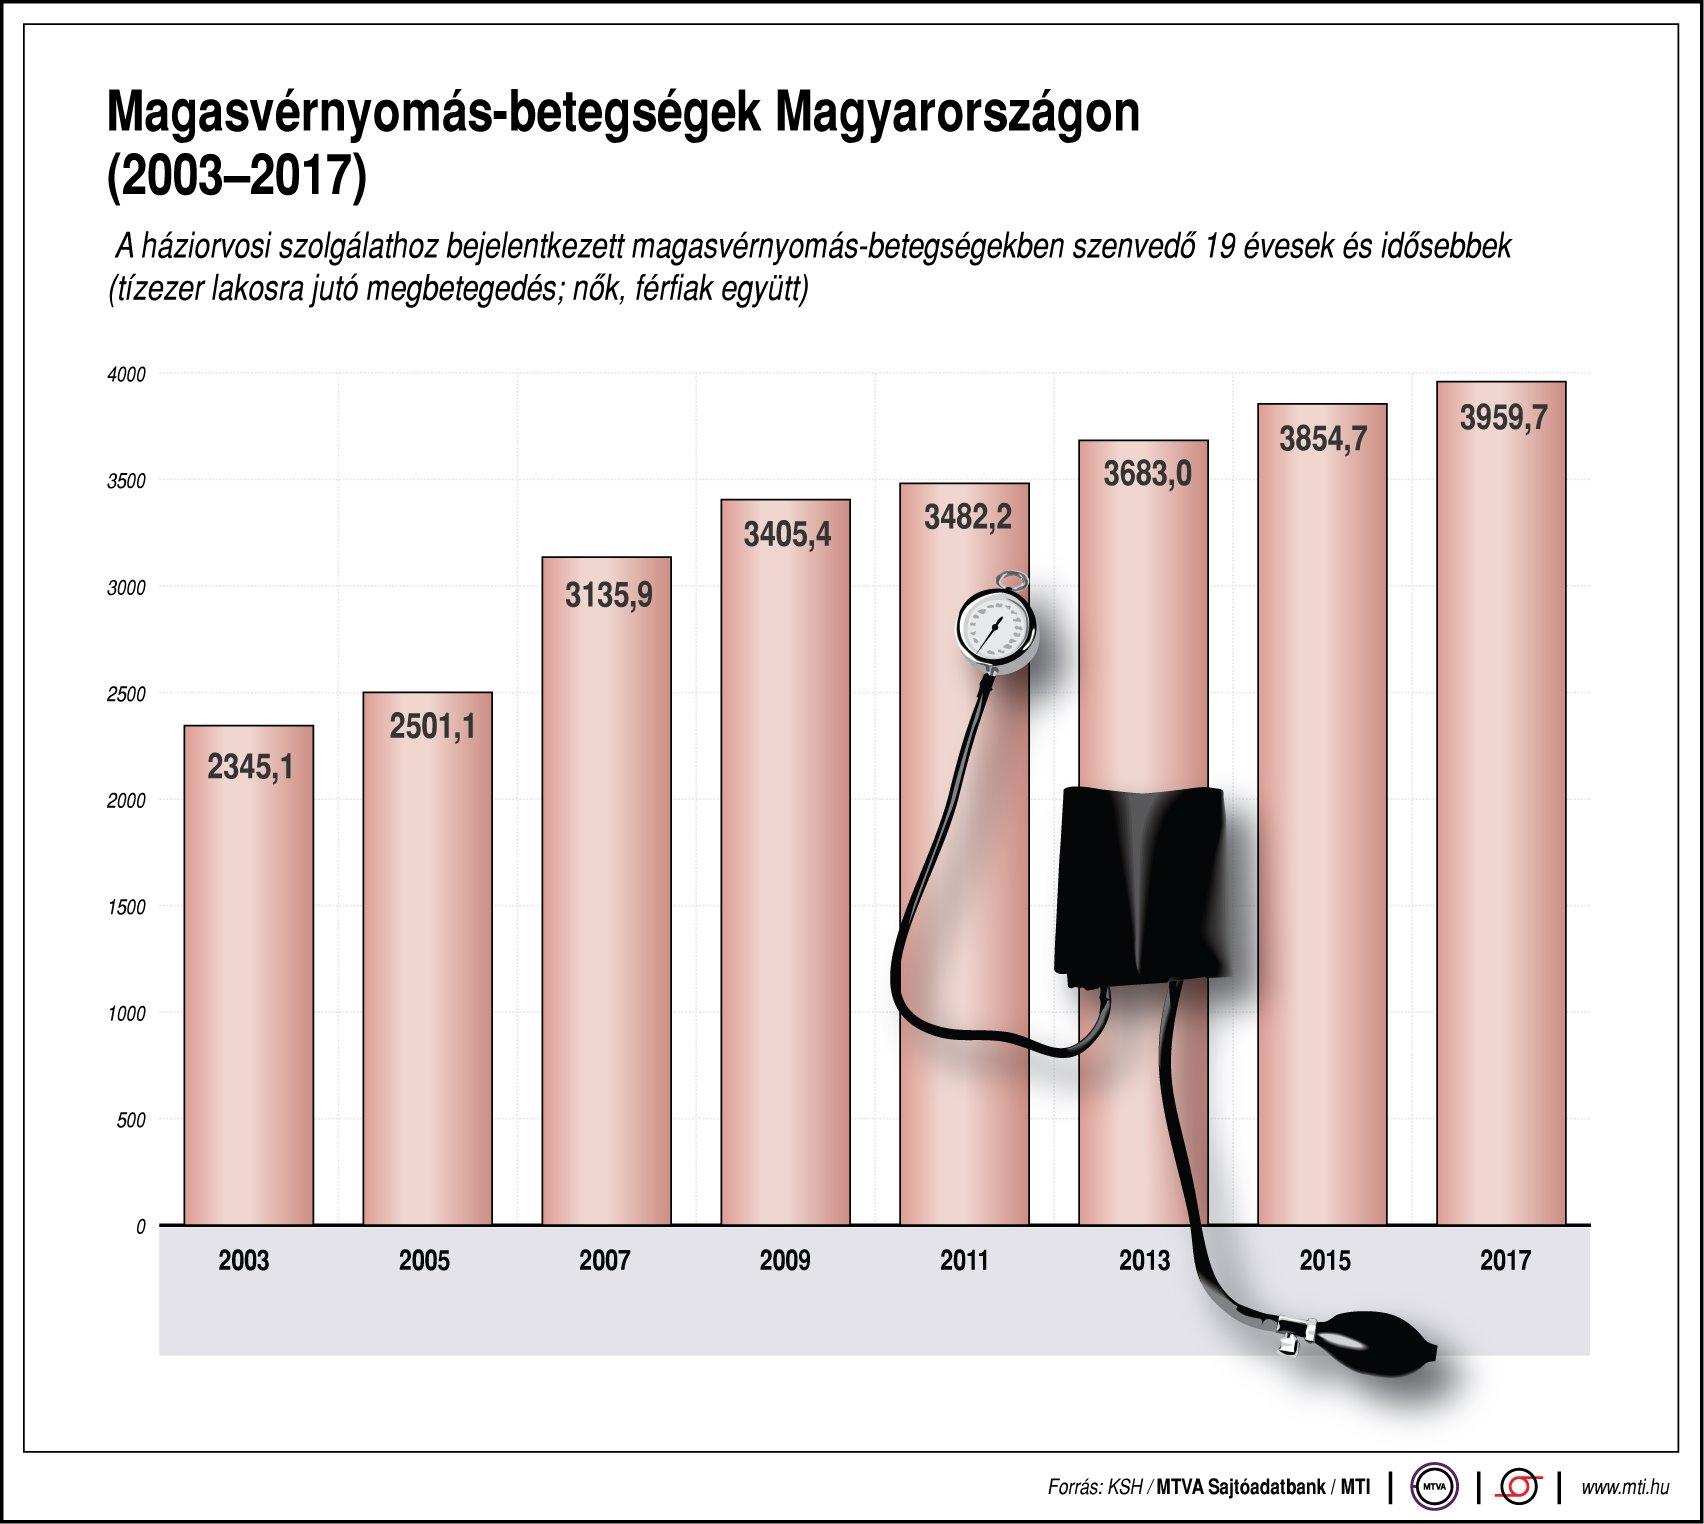 magas vérnyomás és alternatív gyógyászat